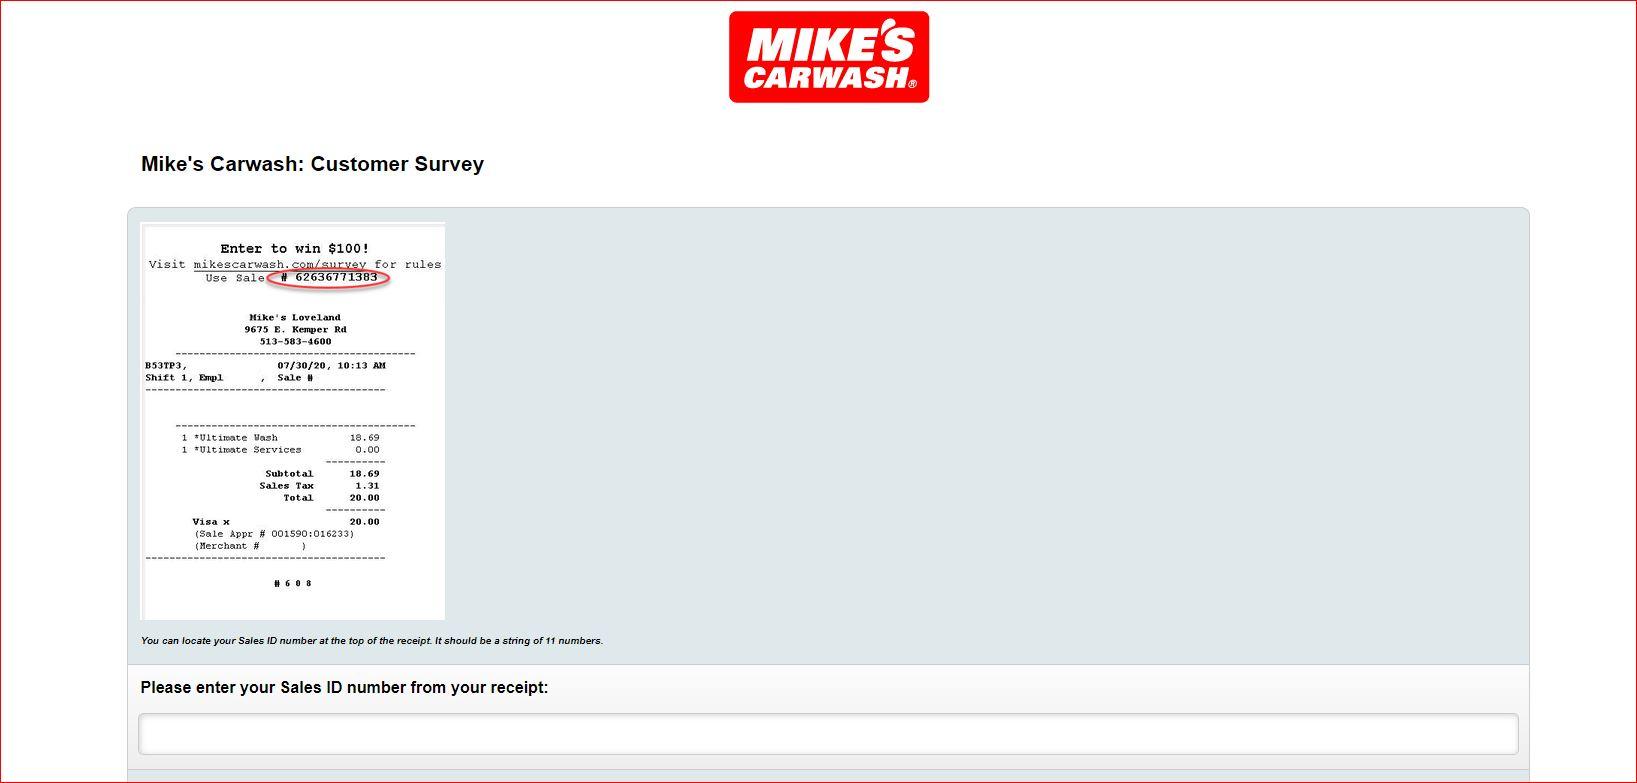 mikescarwash.com/survey